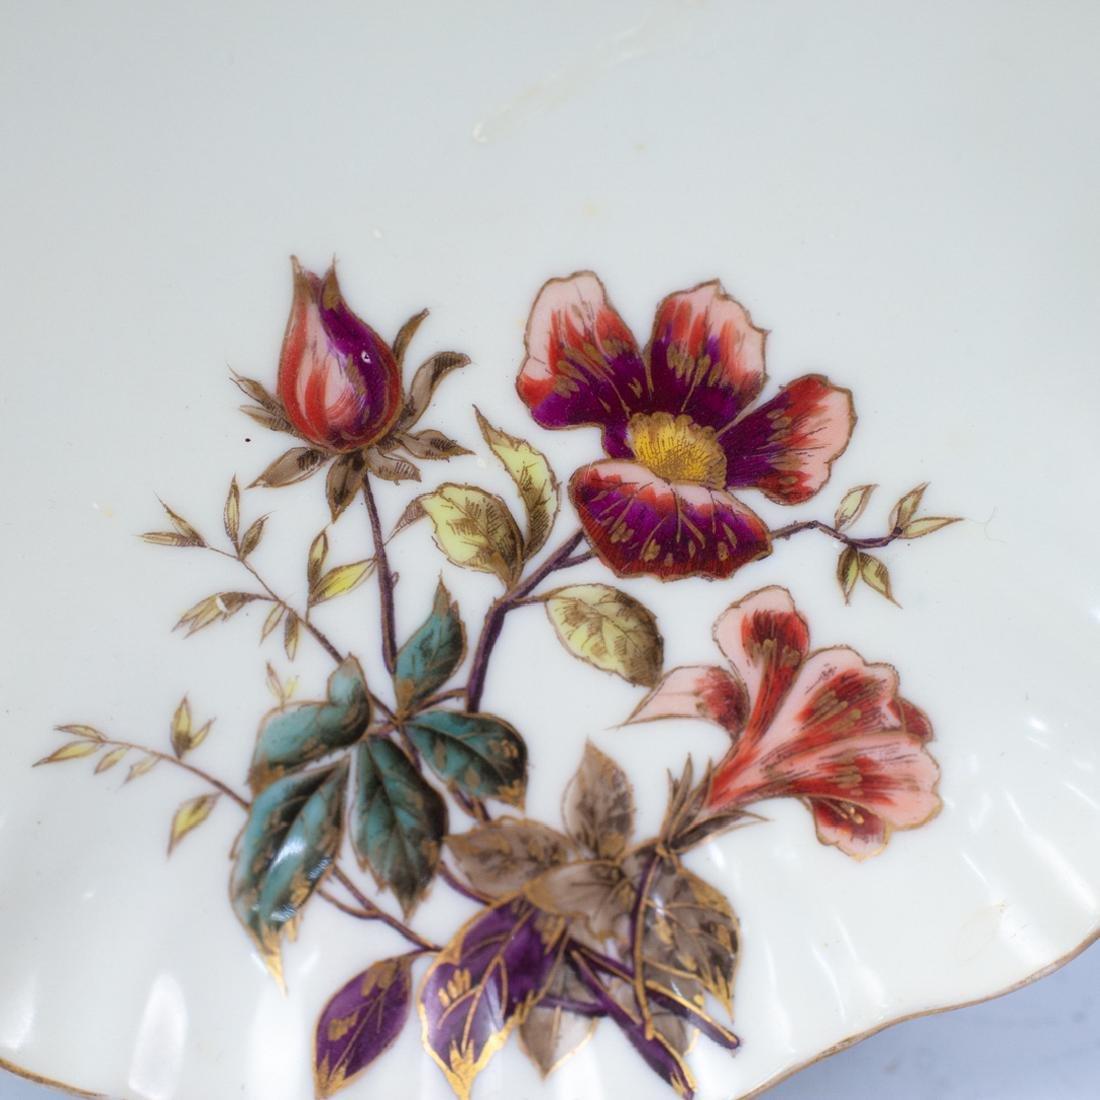 Limoges Porcelain Floral Serving Bowl - 2